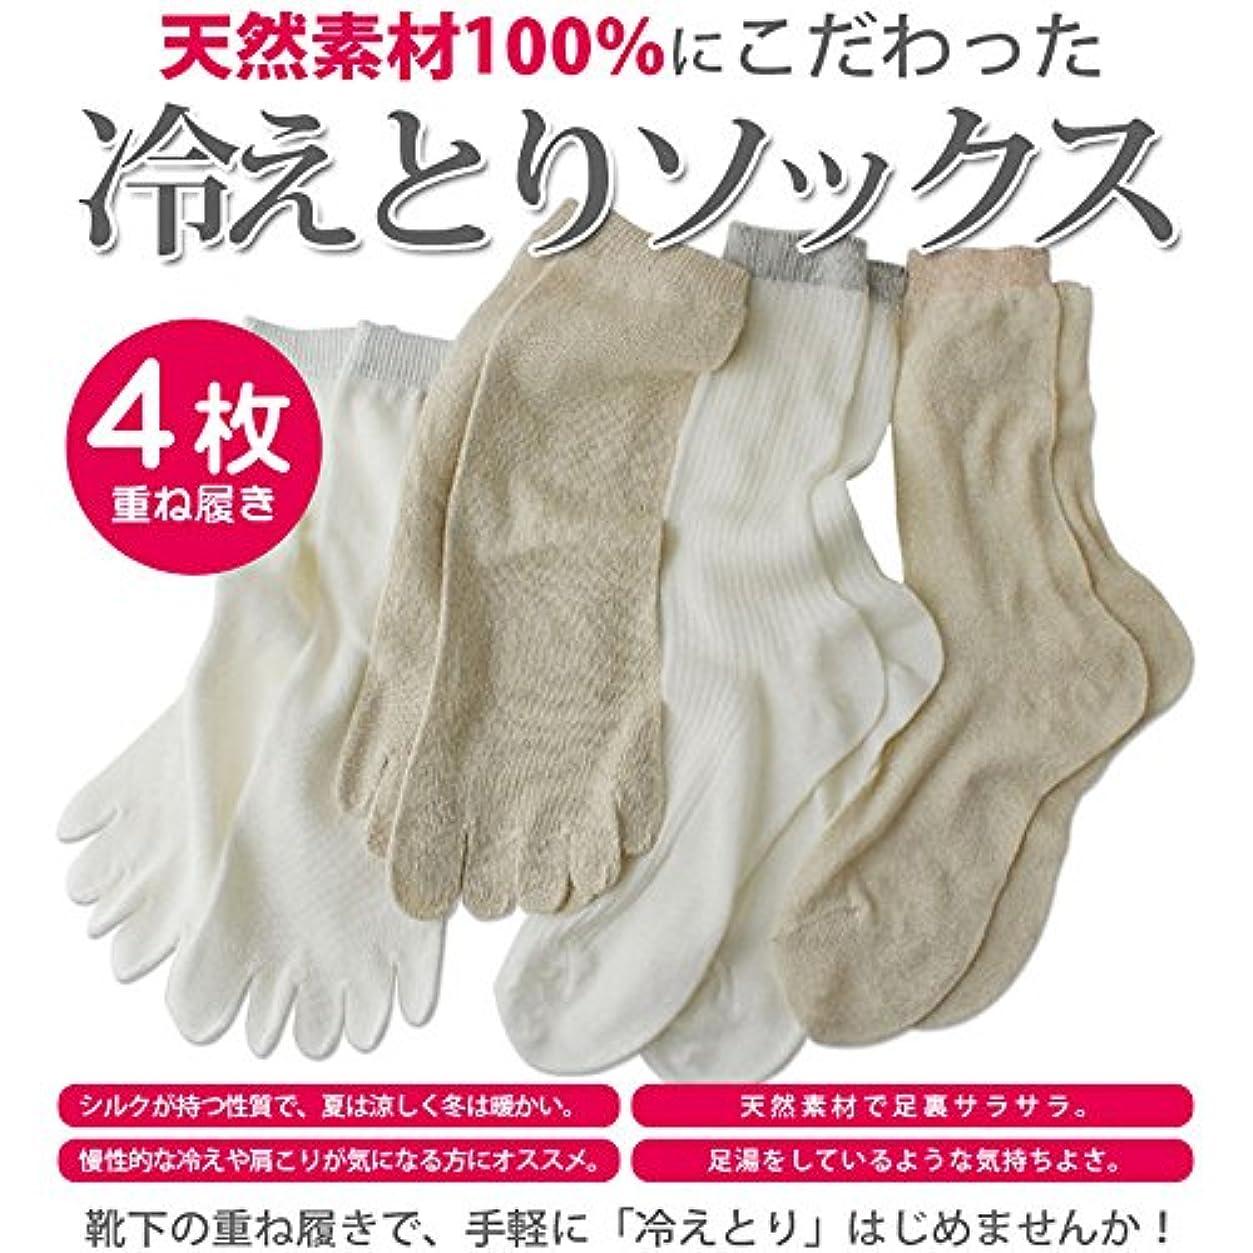 たっぷり血色の良い傷つきやすい冷え取り靴下 綿100%とシルク100% 呼吸ソックス 4枚重ねばきであったか 4枚セット